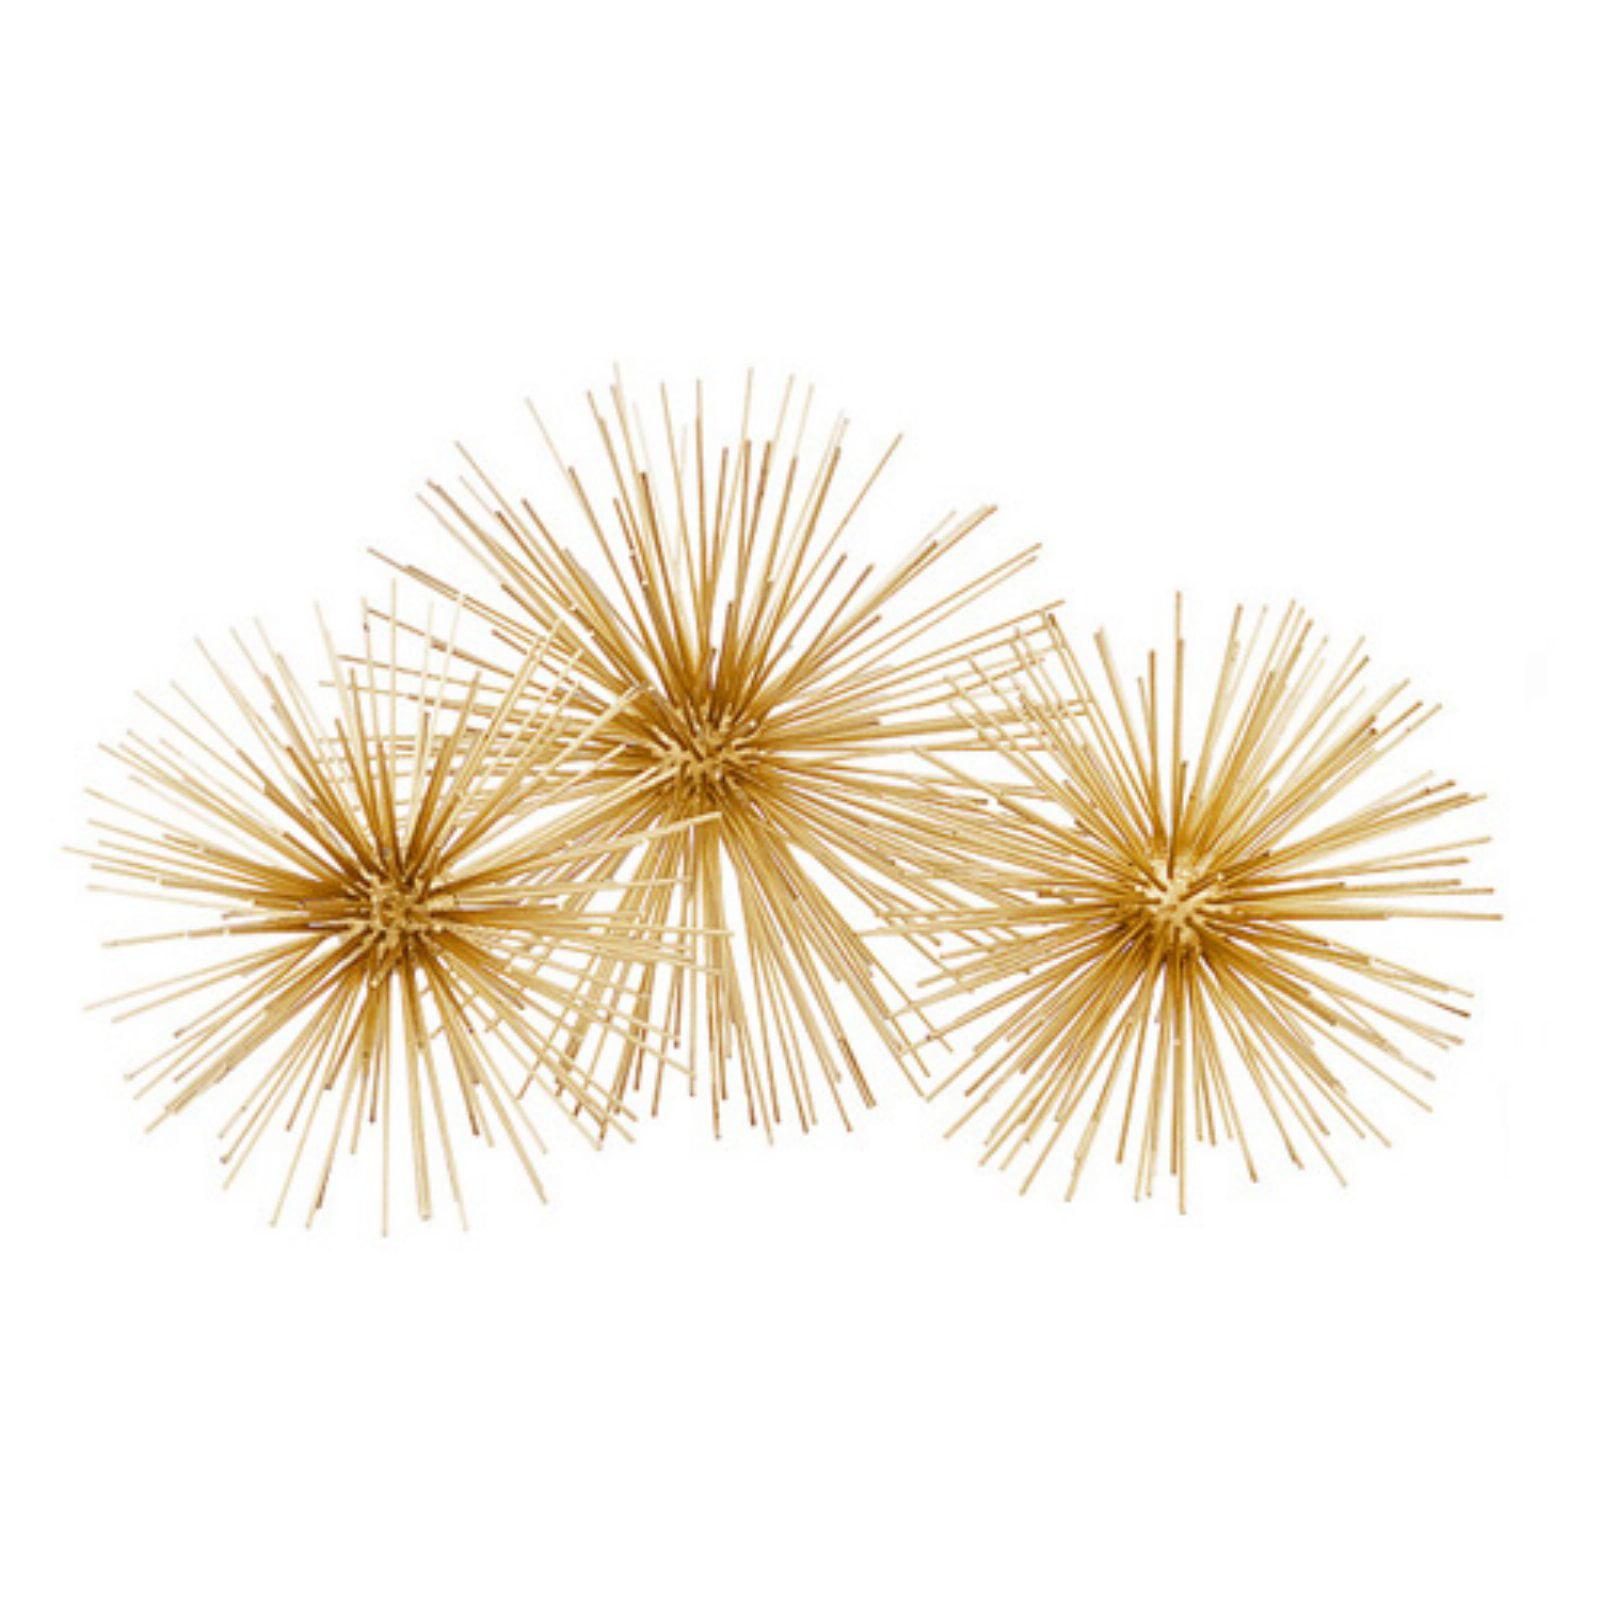 Modern Day Accents Pilluelo Urchin Sphere Sculpture